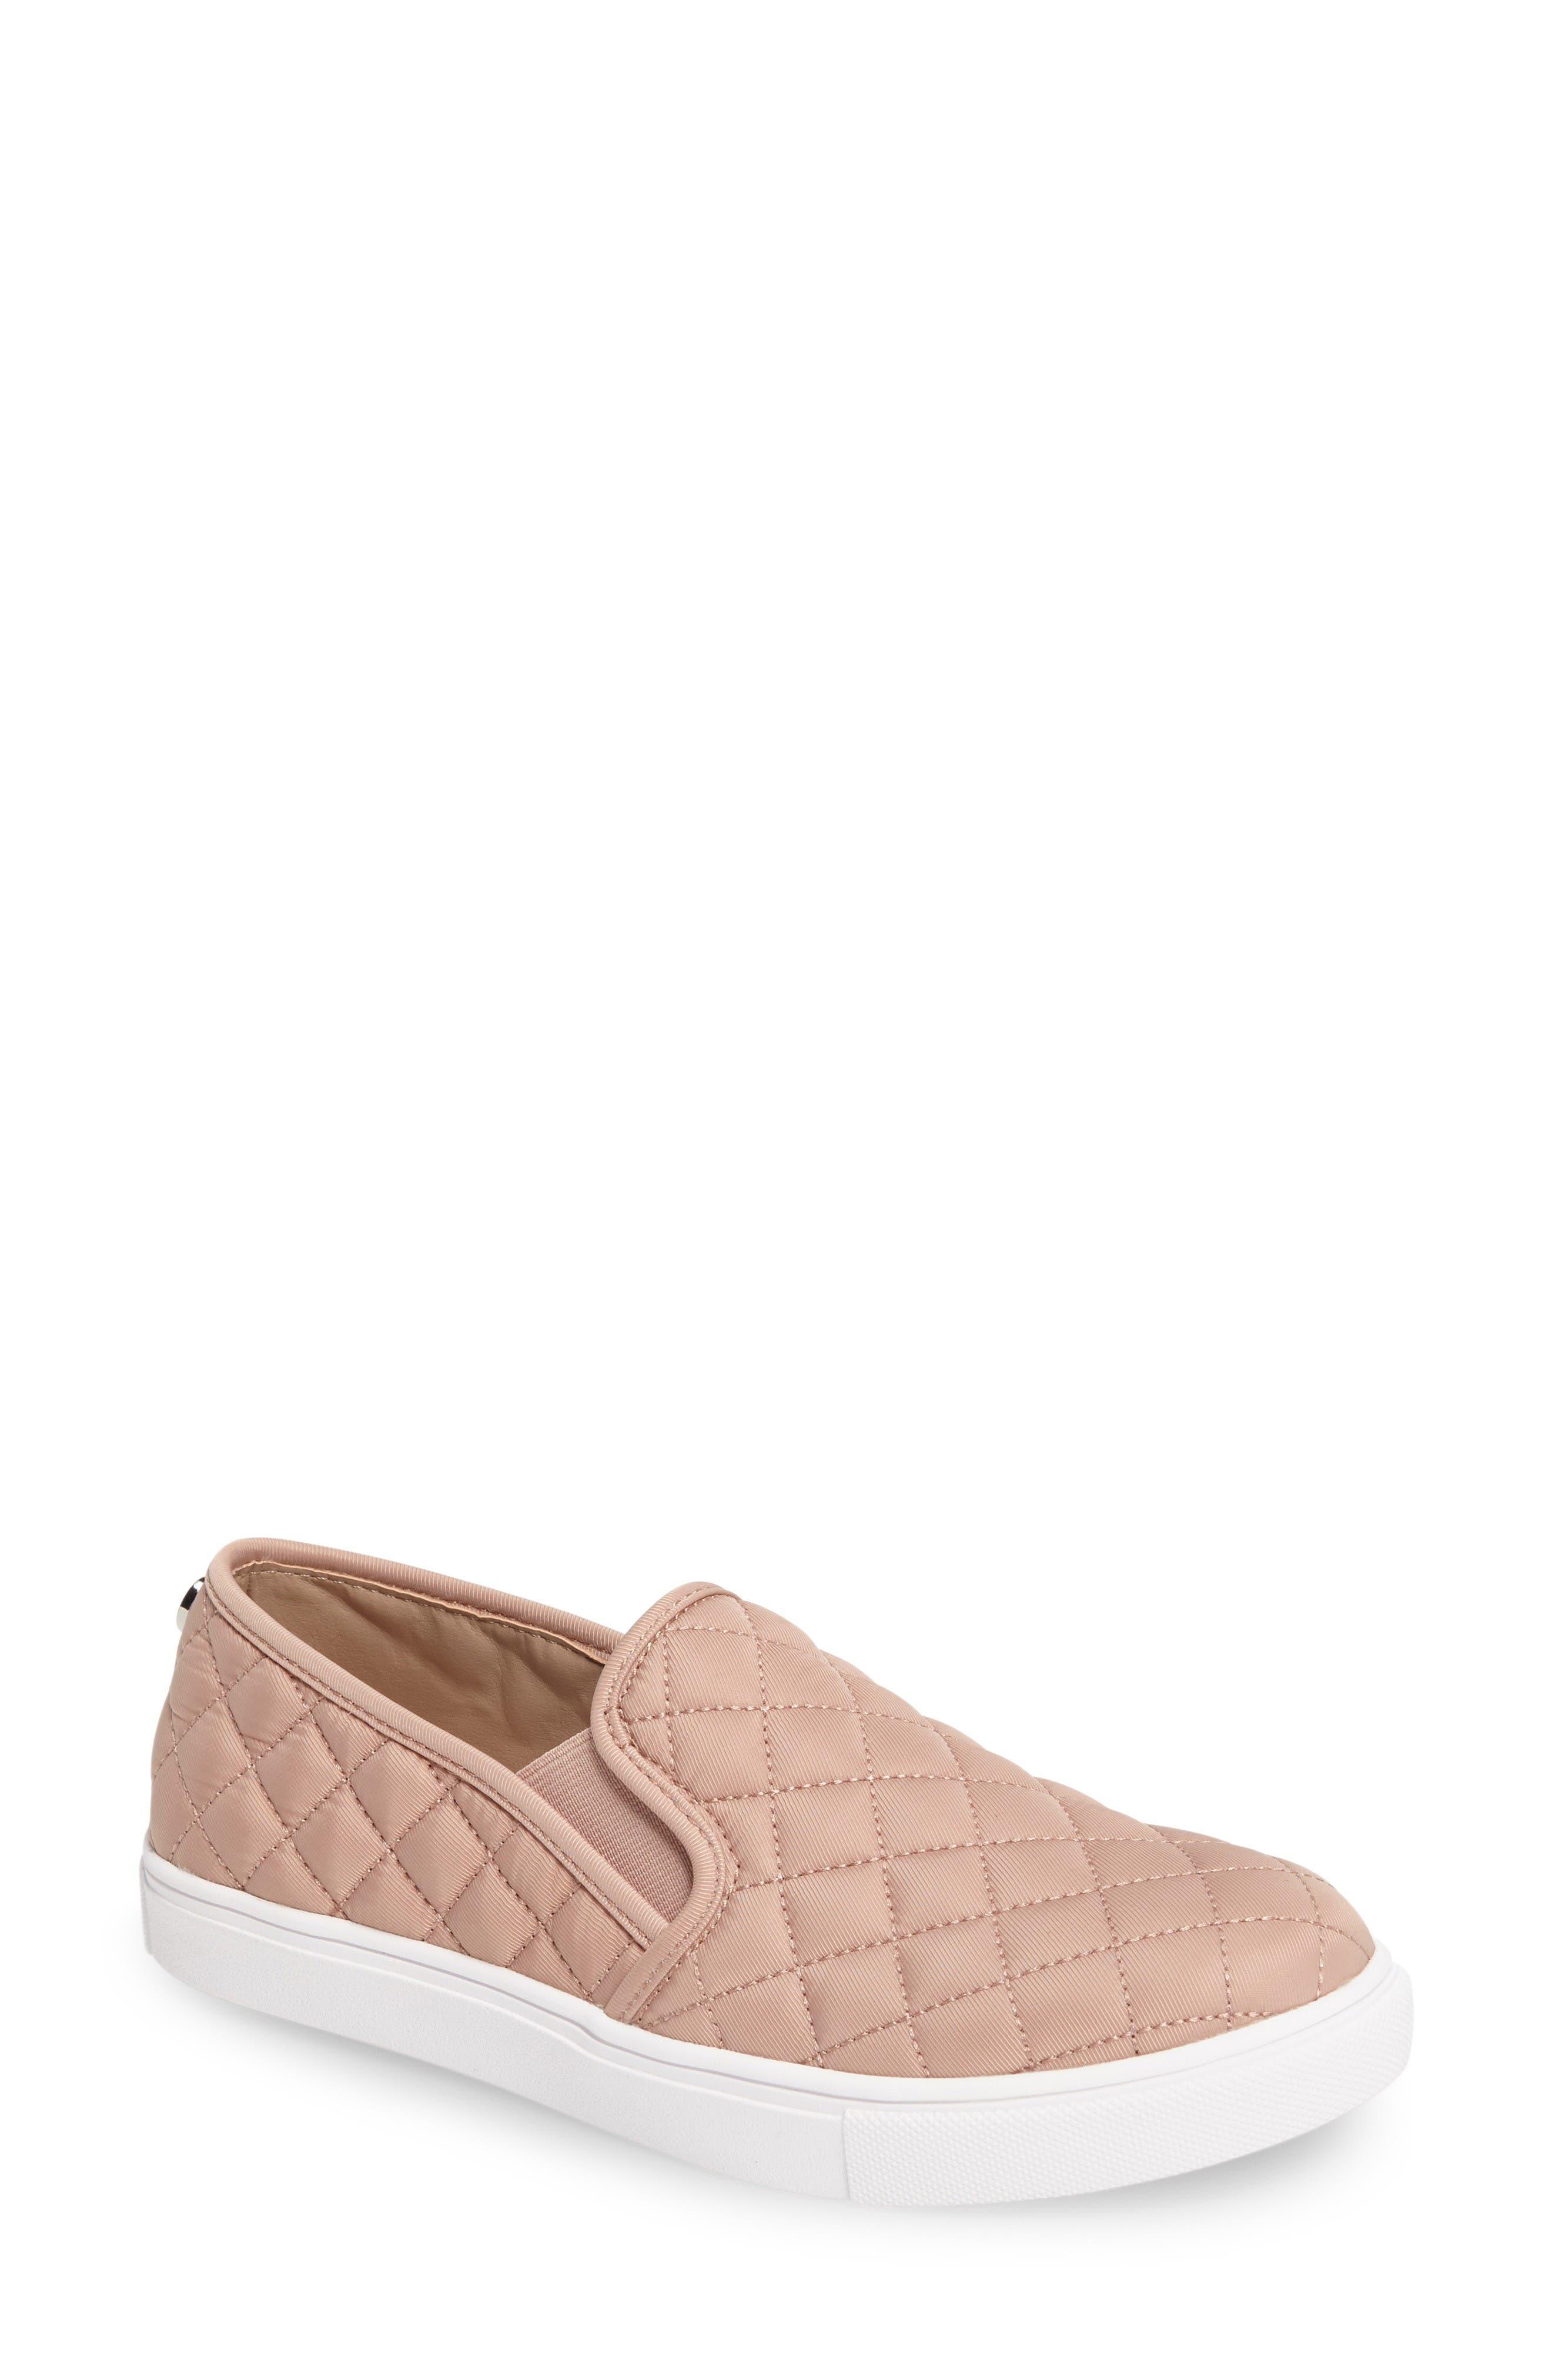 'Ecntrcqt' Sneaker,                         Main,                         color, Blush Fabric